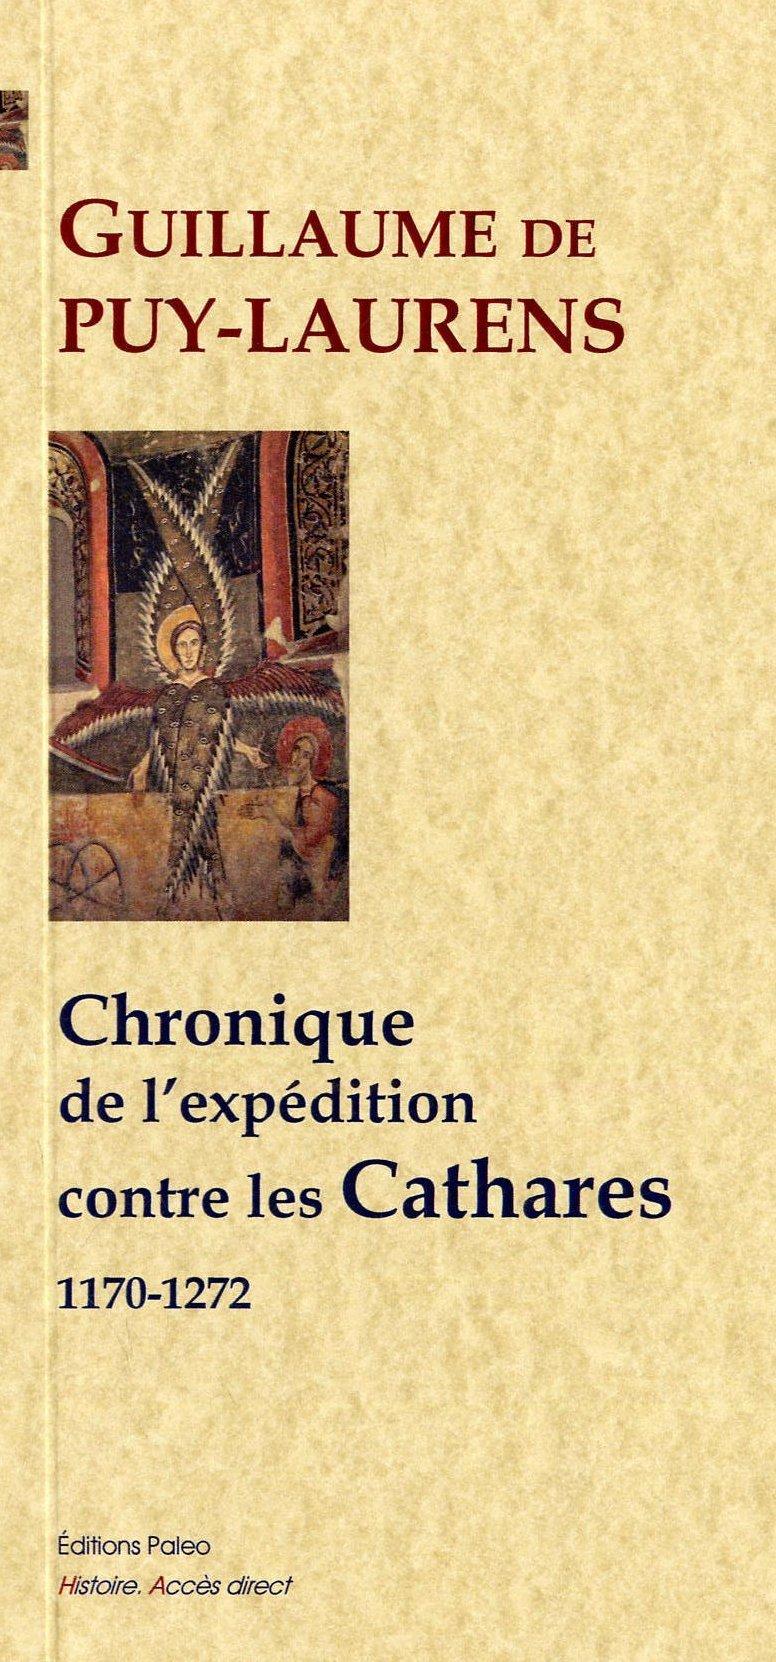 CHRONIQUE DE L'EXPEDITION CONTRE LES CATHARES (1170-1272)